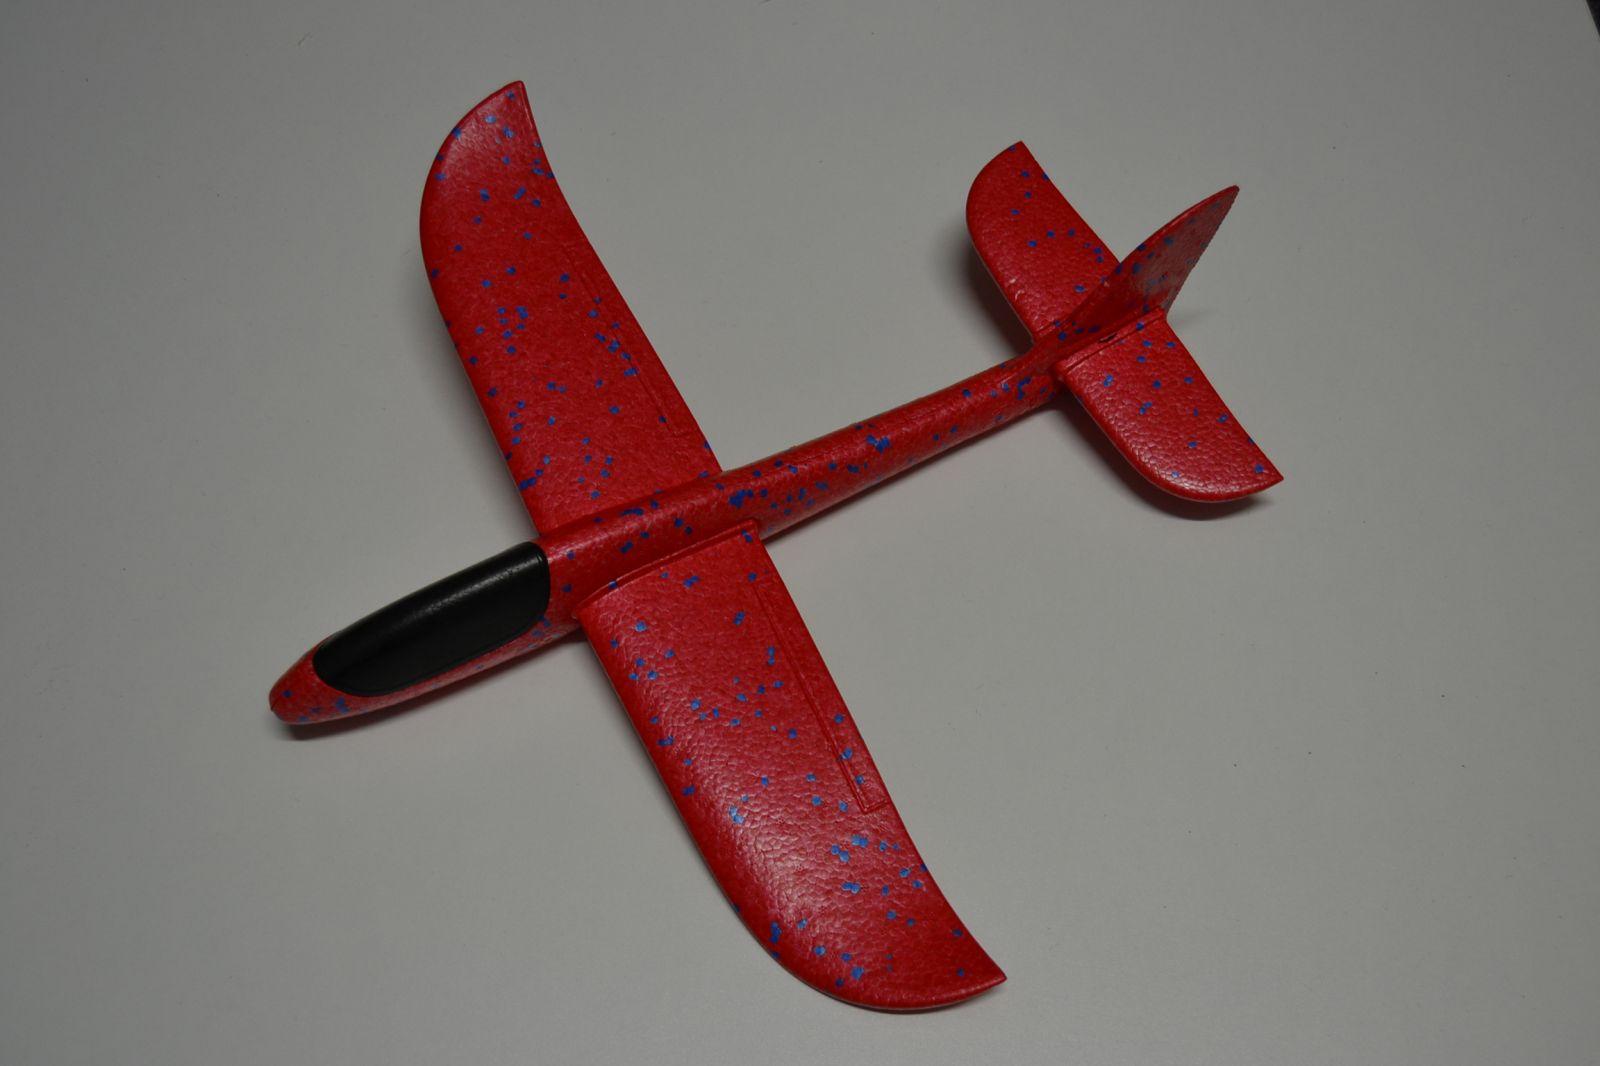 Házecí letadlo z tvrzeného polystyrenu, házedlo